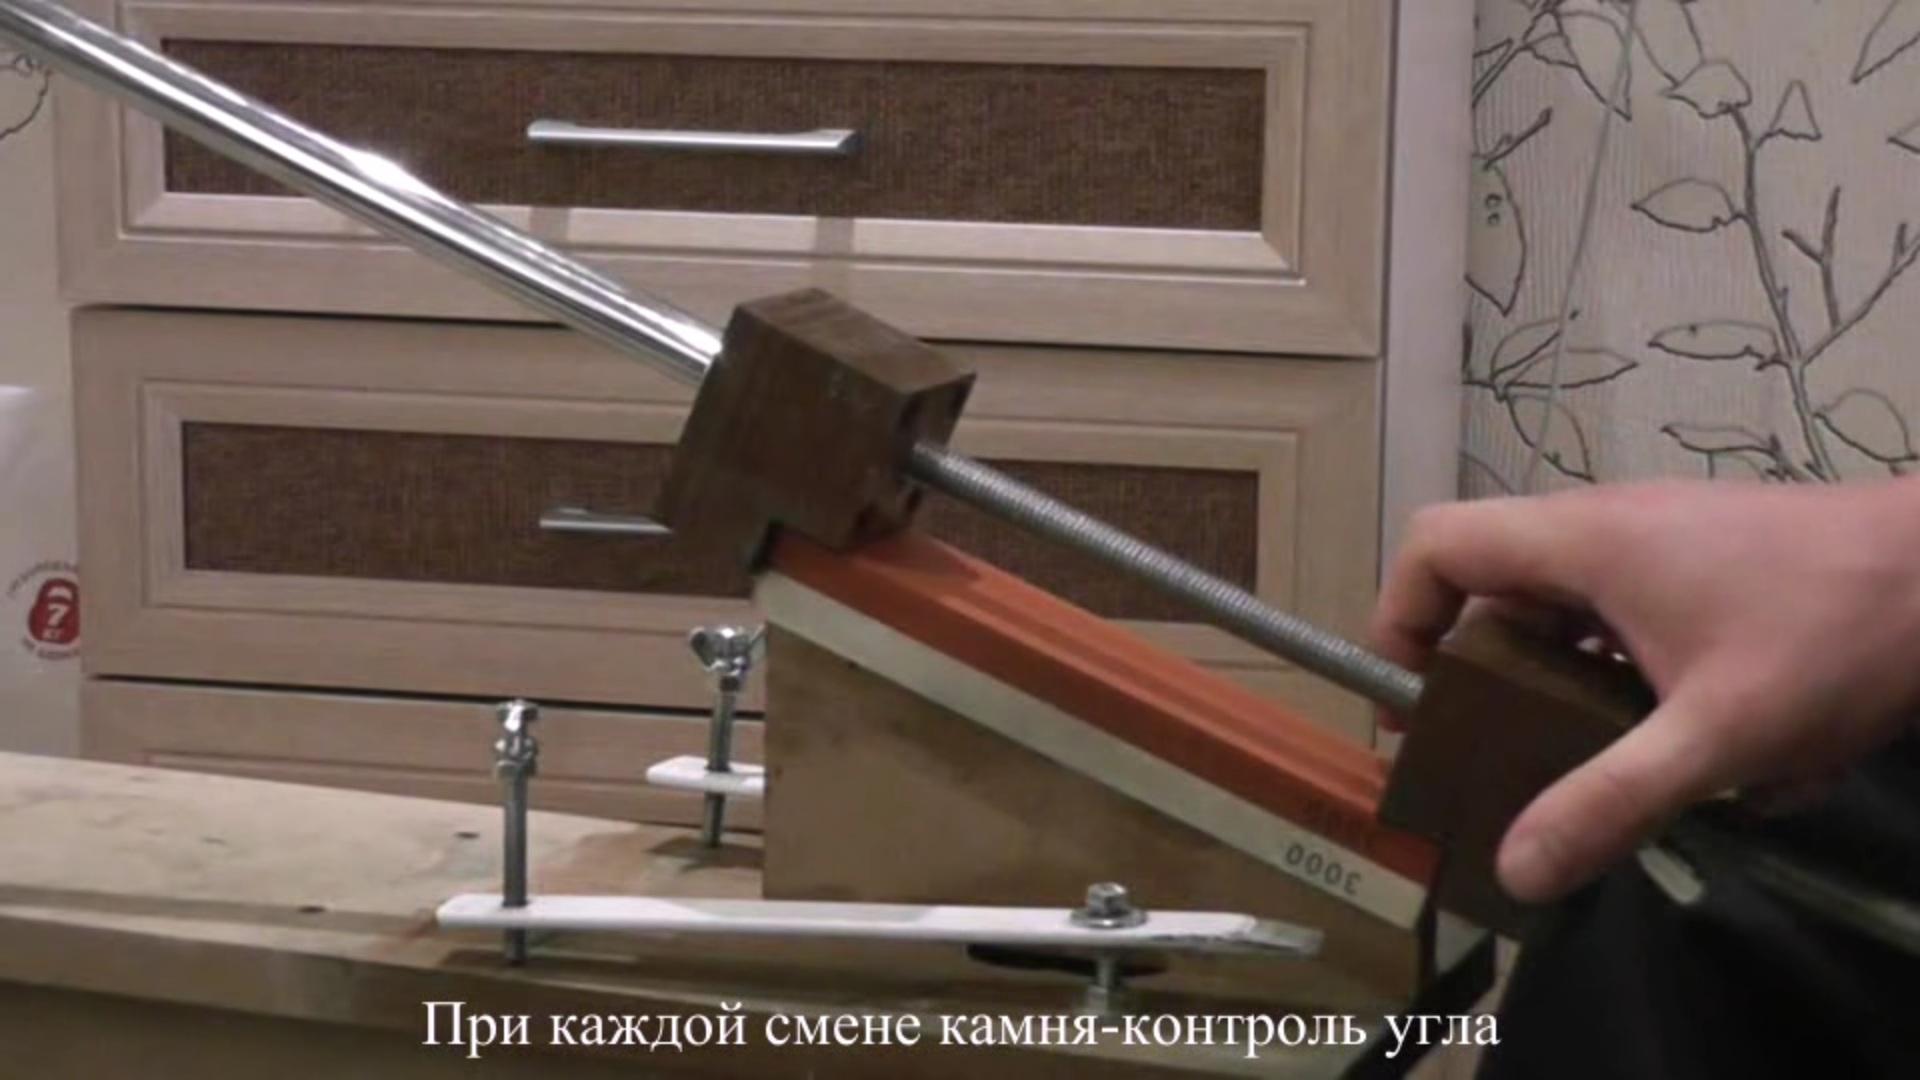 Заточка ножа до высокой степени остроты